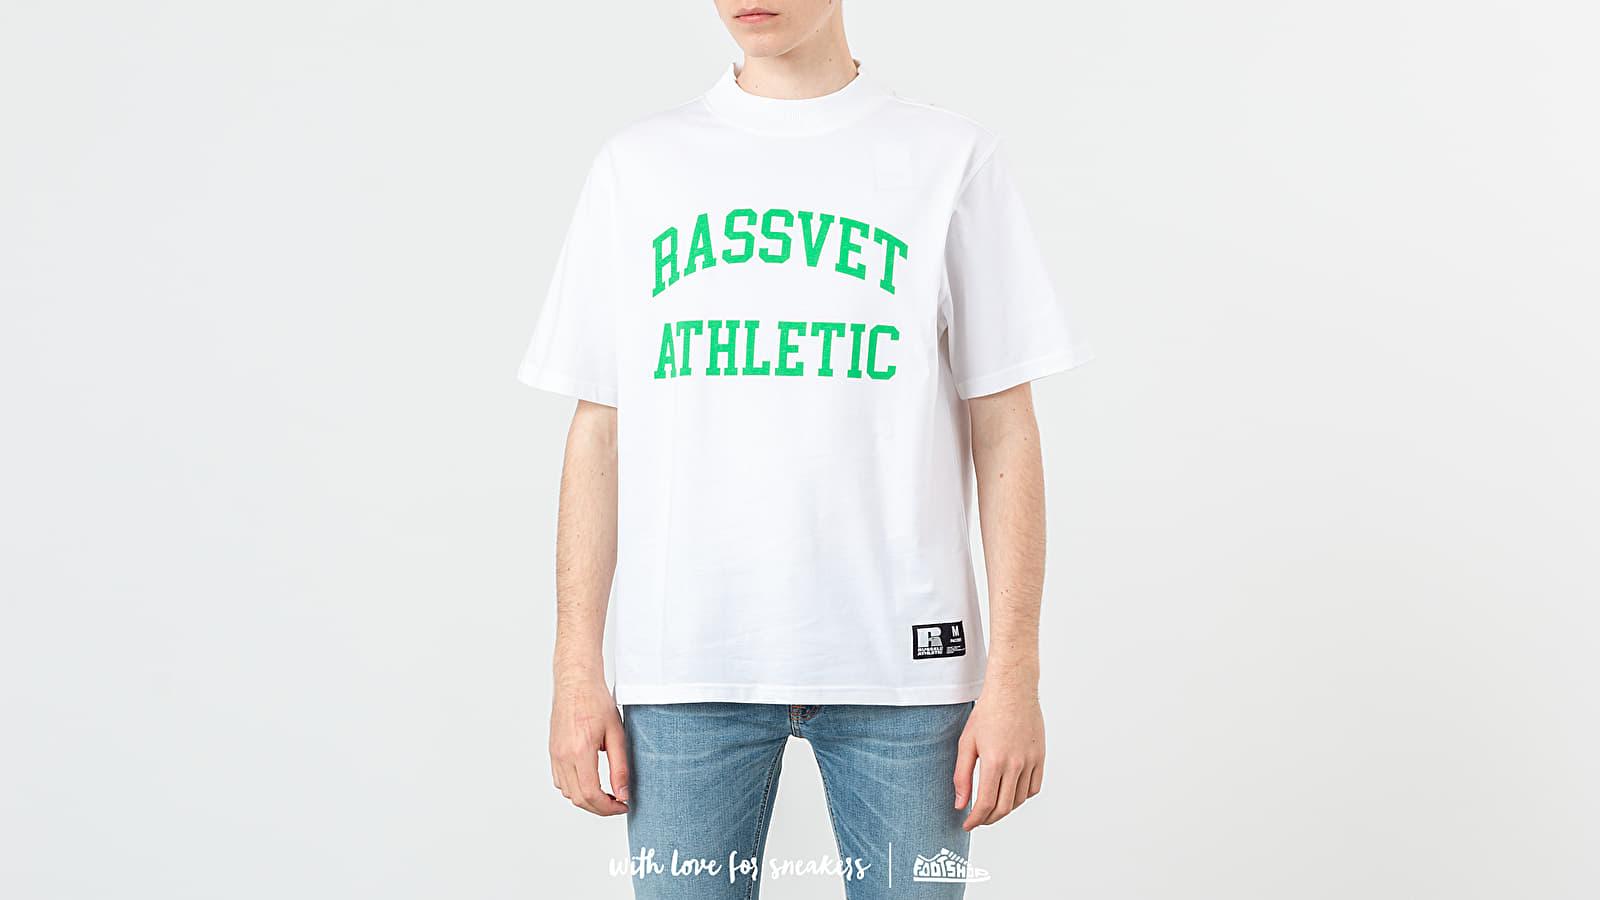 b21a705c55 PACCBET x Russell Athletic Printed Tee White/ Green nagyszerű árakon 13 729  Ft vásárolj a